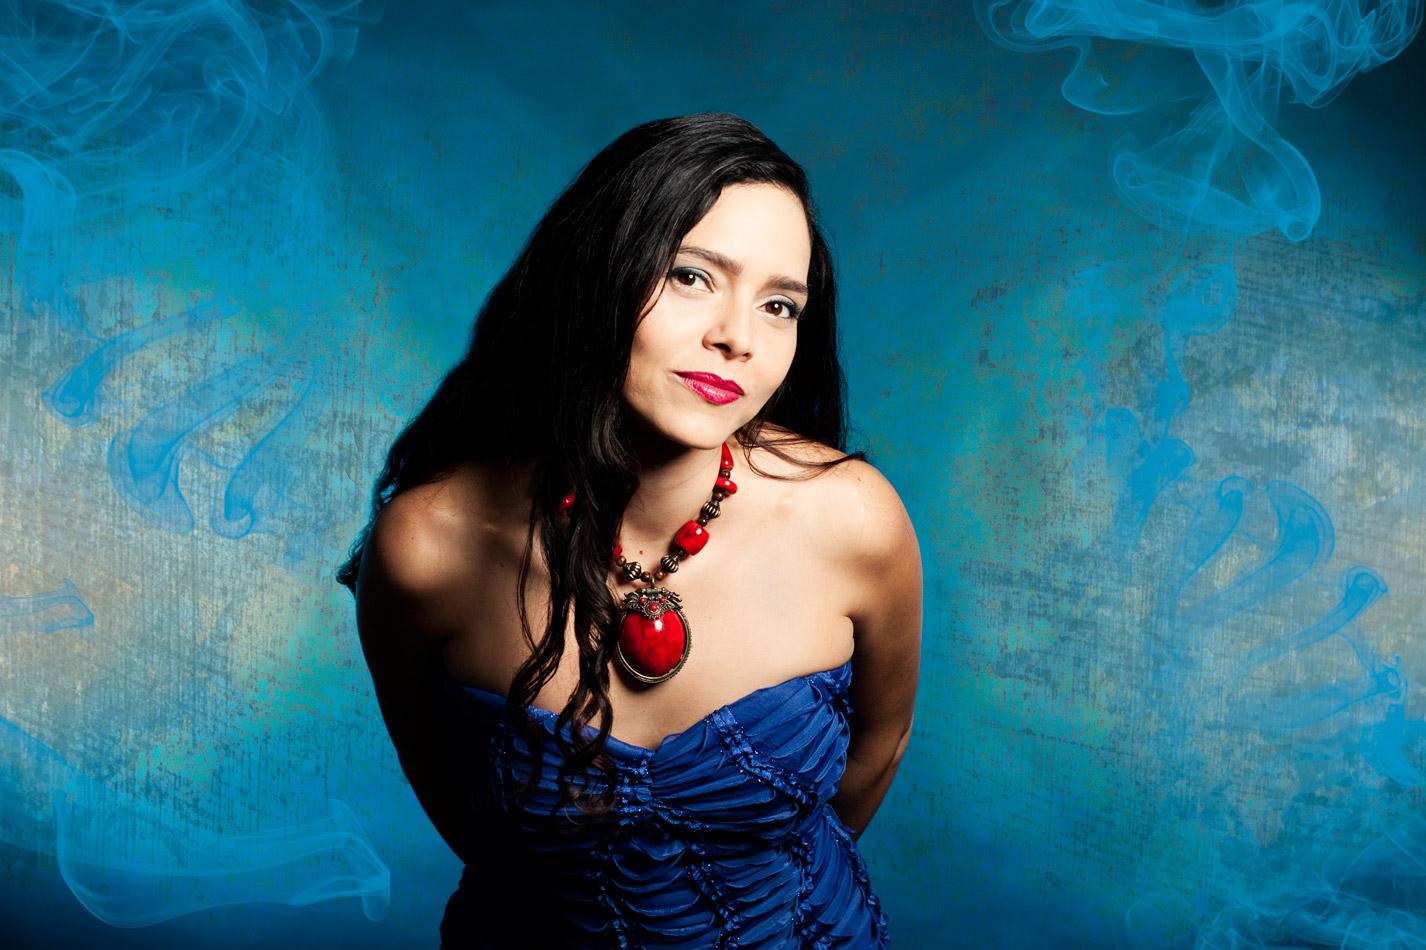 Latin jazz sensation Eliana Cuevas brings her unique sound